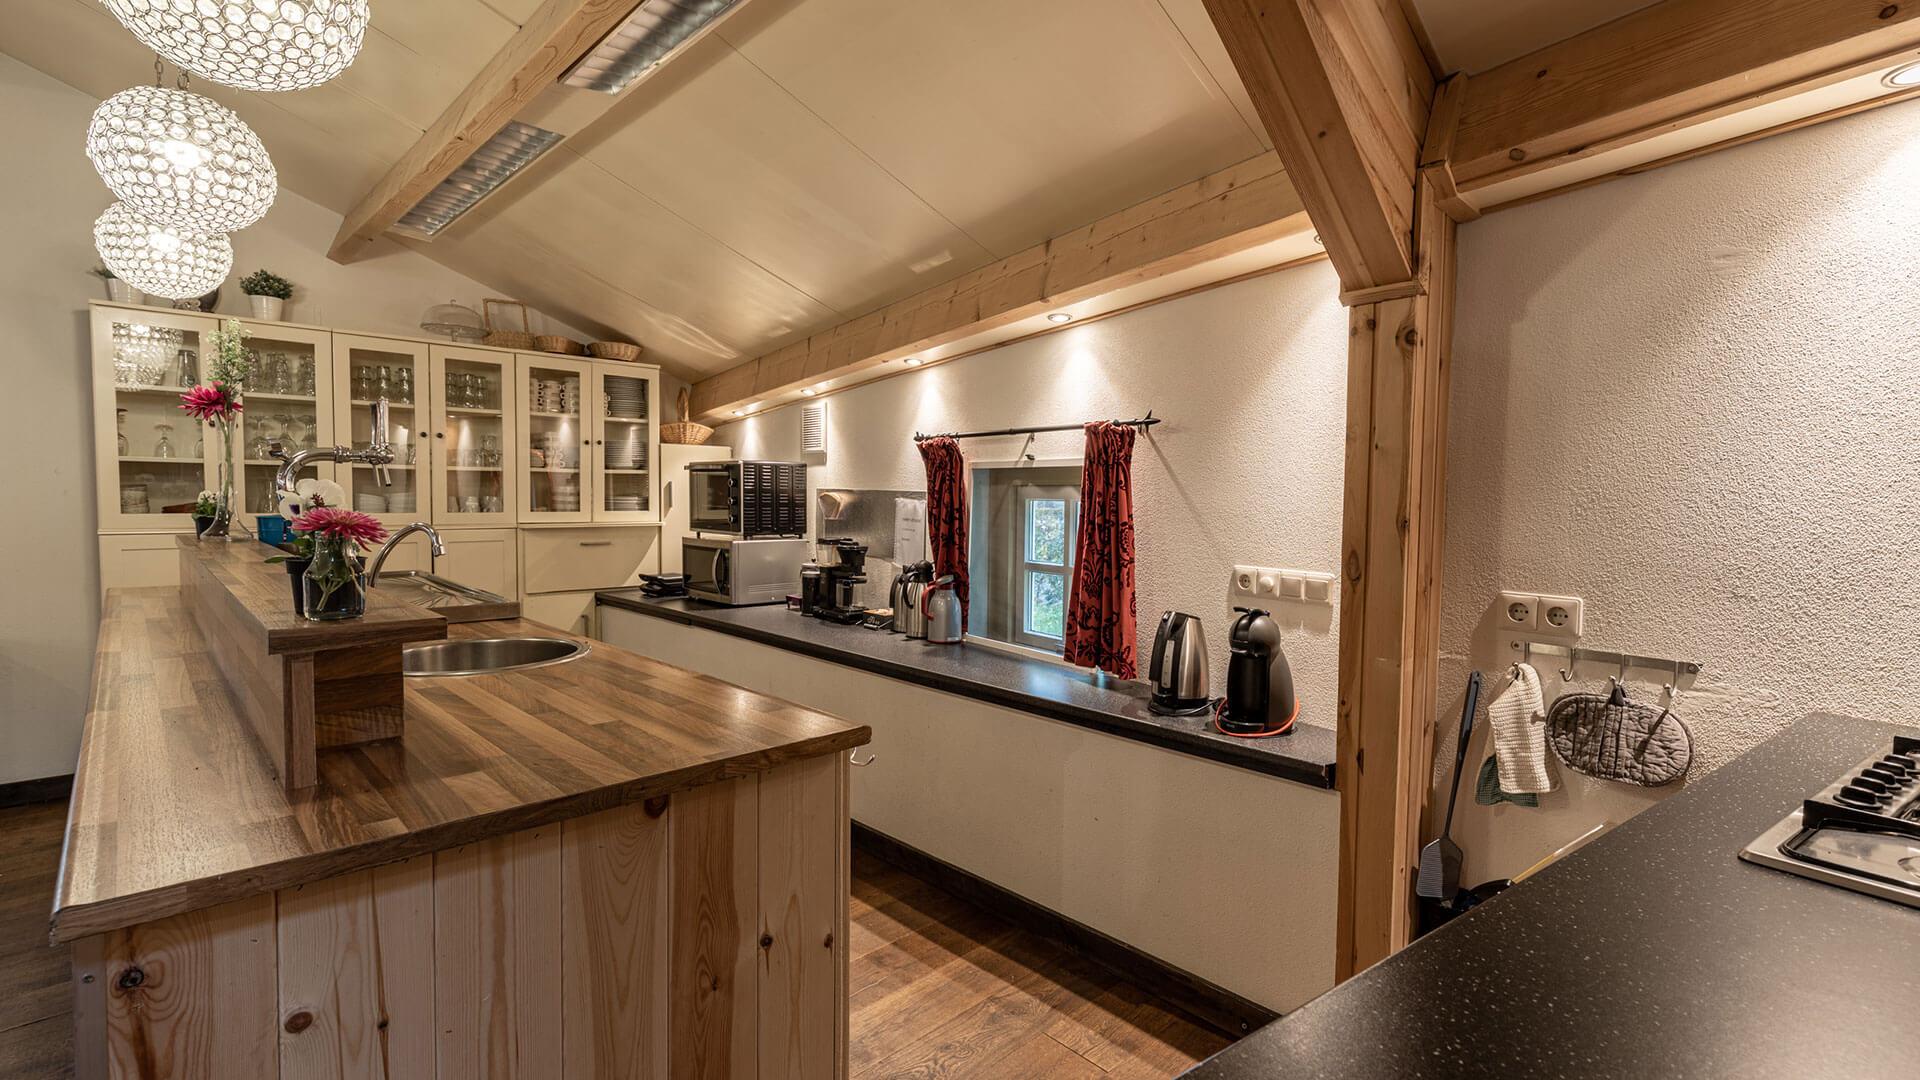 keuken in de accommodatie met vaatwasser